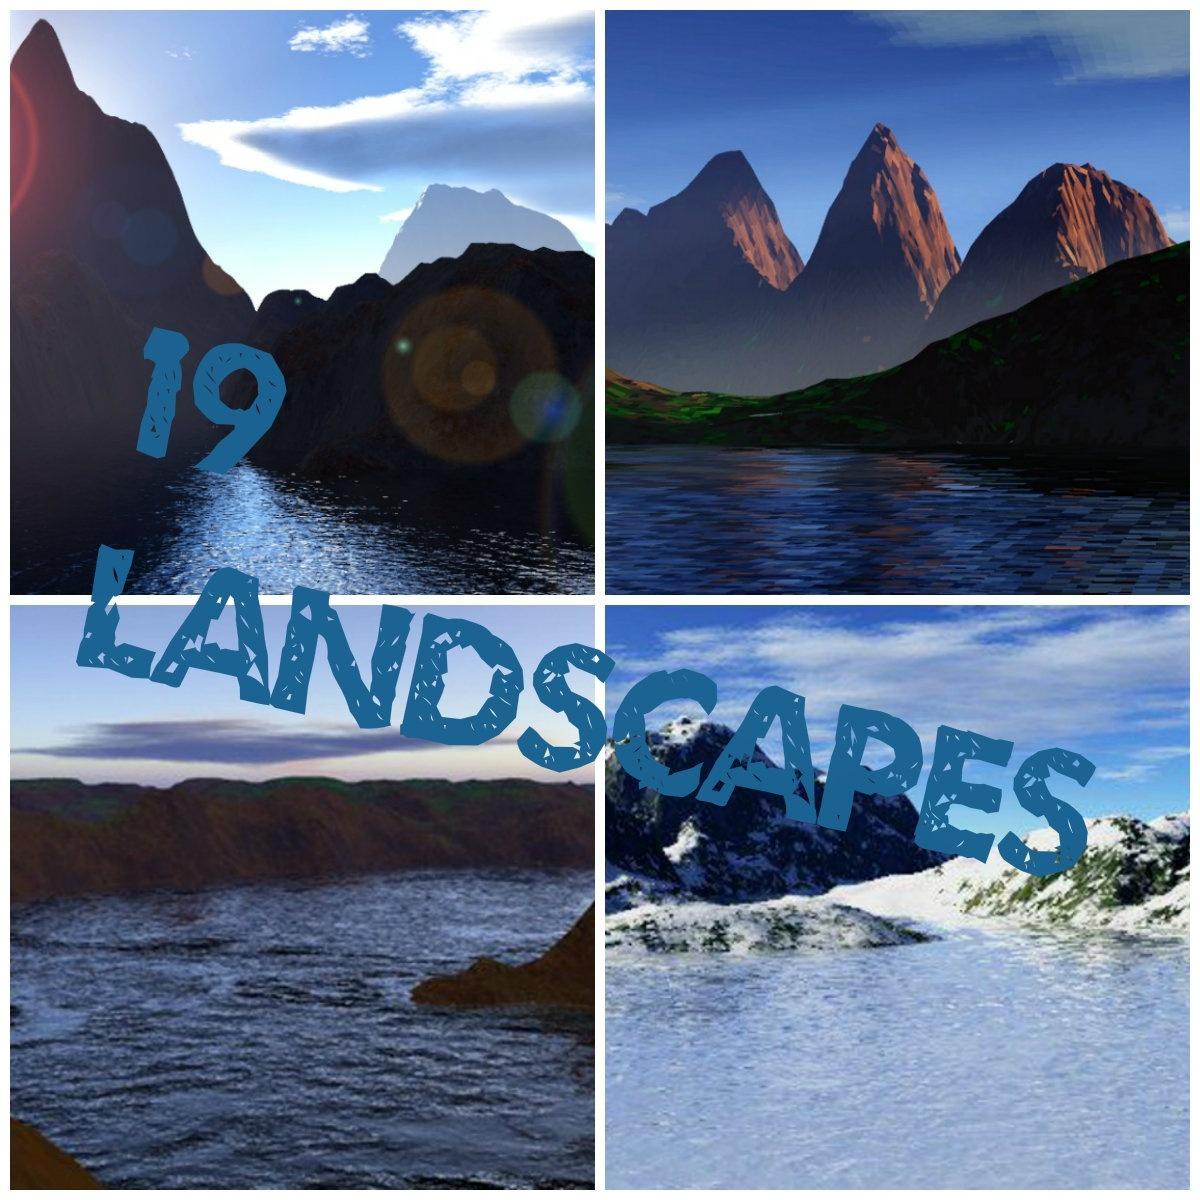 19 Landscapes-2012